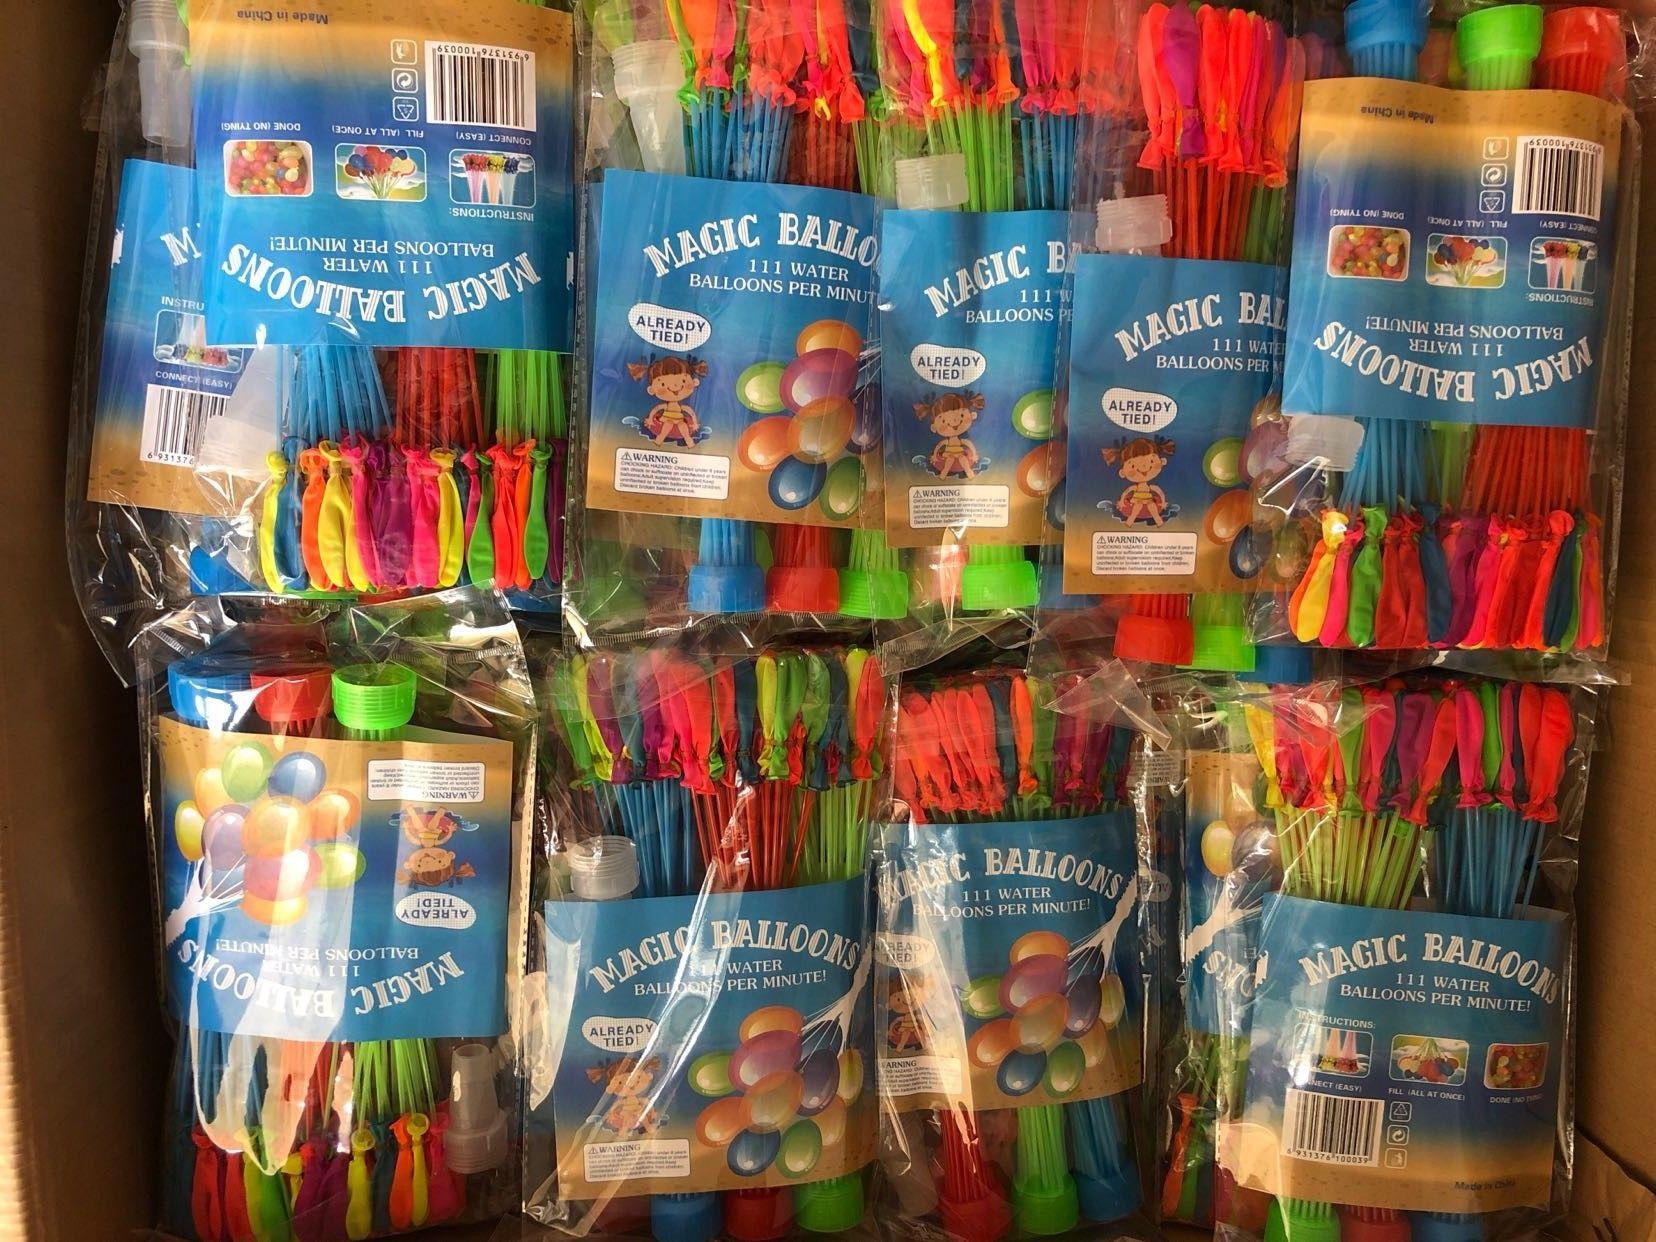 باقة ملونة من بالونات المياه شغل بالون مذهلة ماجيك المياه بالون القنابل لعب ملء البالونات المائية ألعاب للعب الاطفال